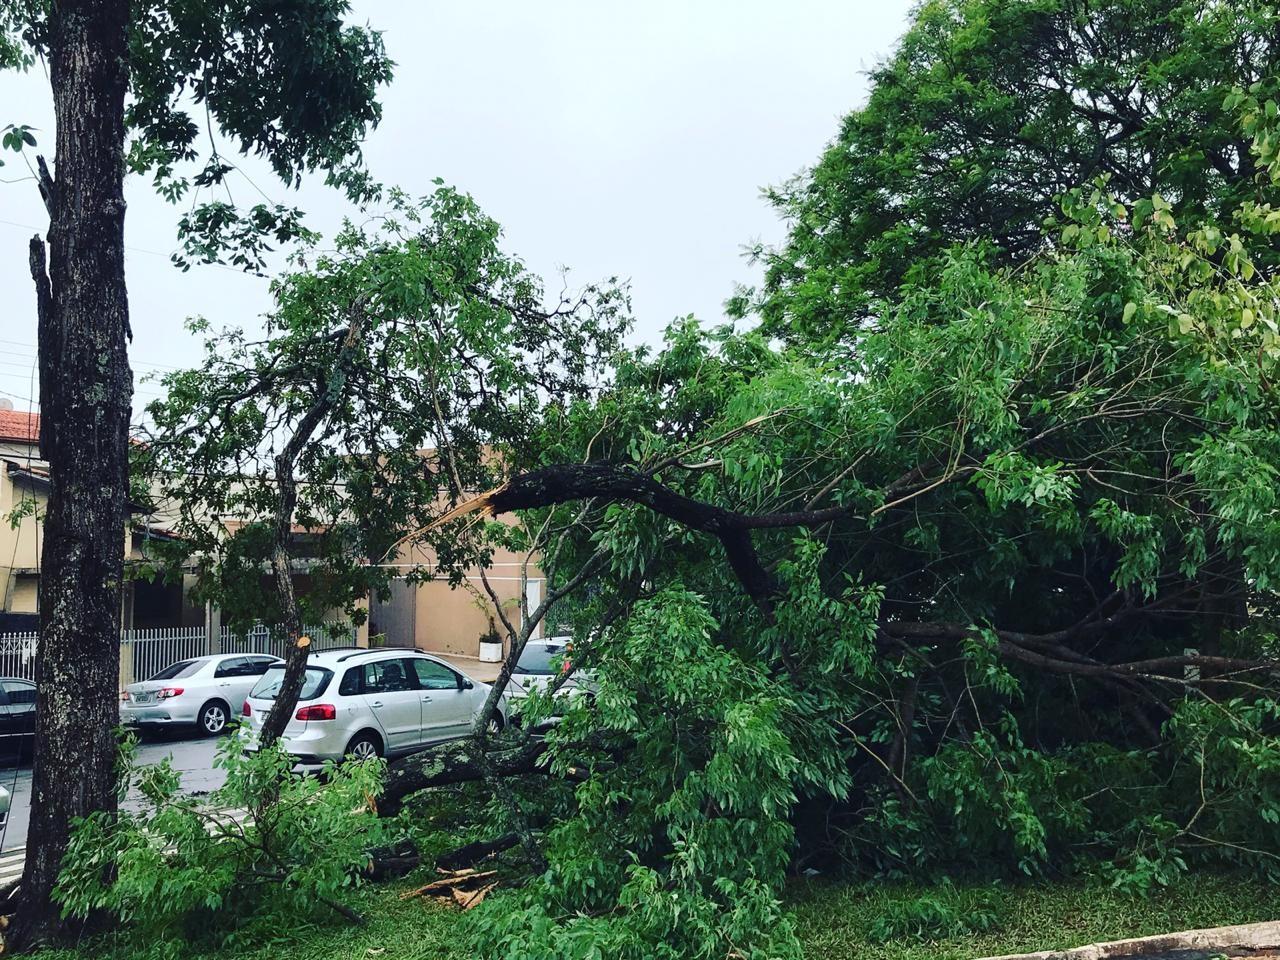 Região de Presidente Prudente é atingida por 13 mil raios durante temporal, aponta concessionária de energia - Notícias - Plantão Diário